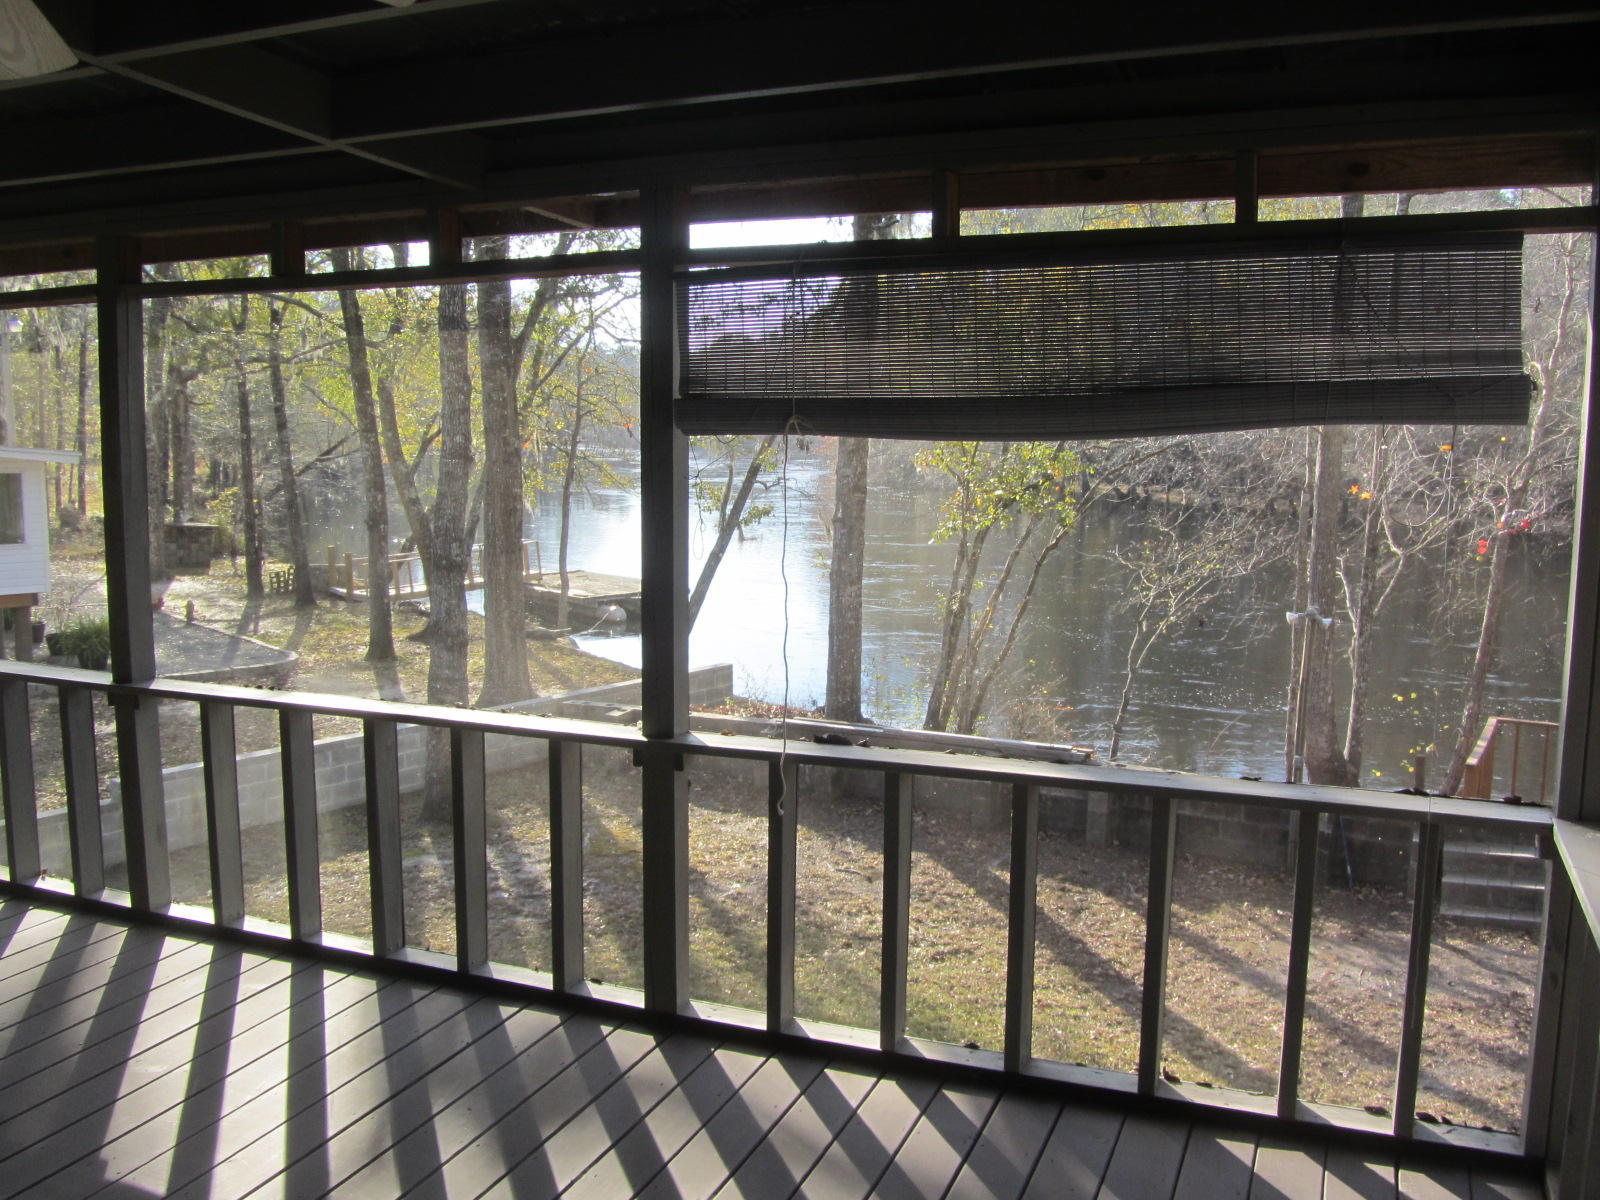 Edisto River Homes For Sale - 265 Blackwater, Round O, SC - 7